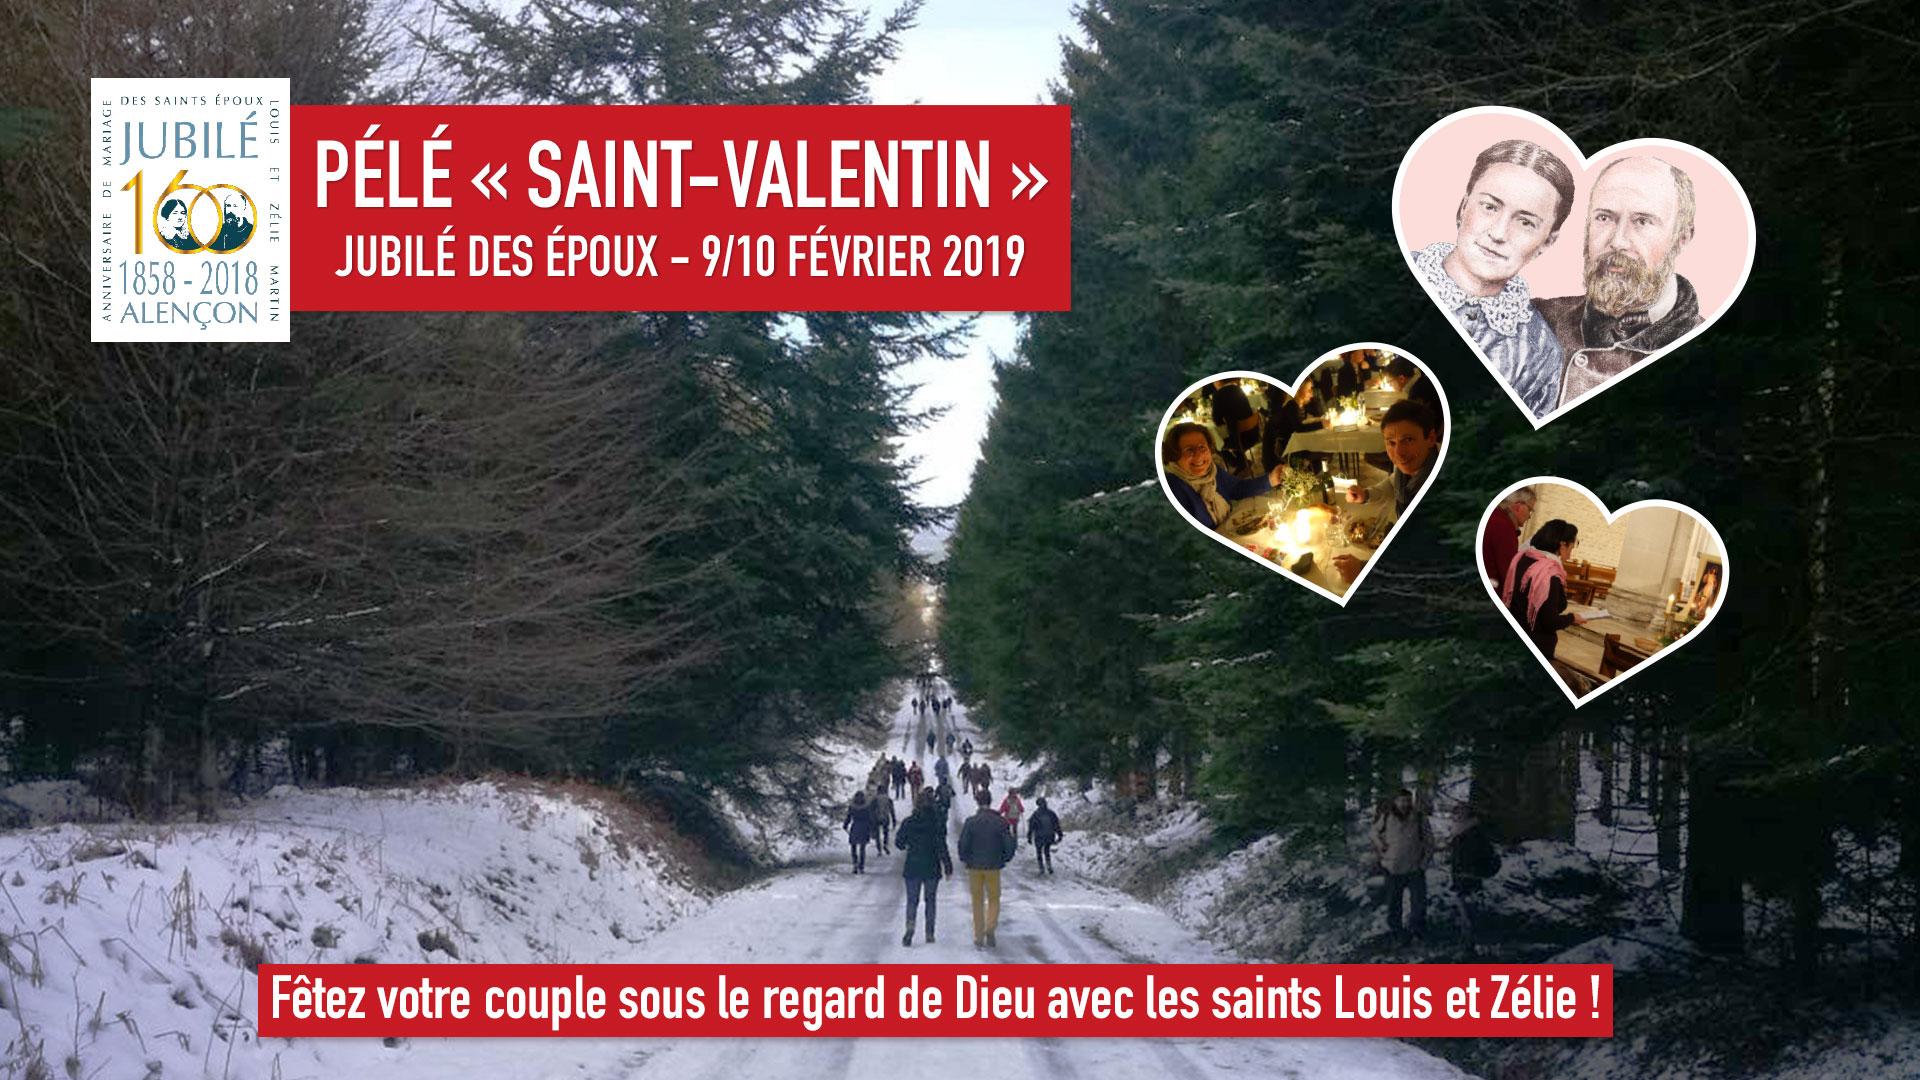 """Pélé """"Saint-Valentin"""" les 9 & 10 février 2019 au Sanctuaire d'Alençon (61)"""